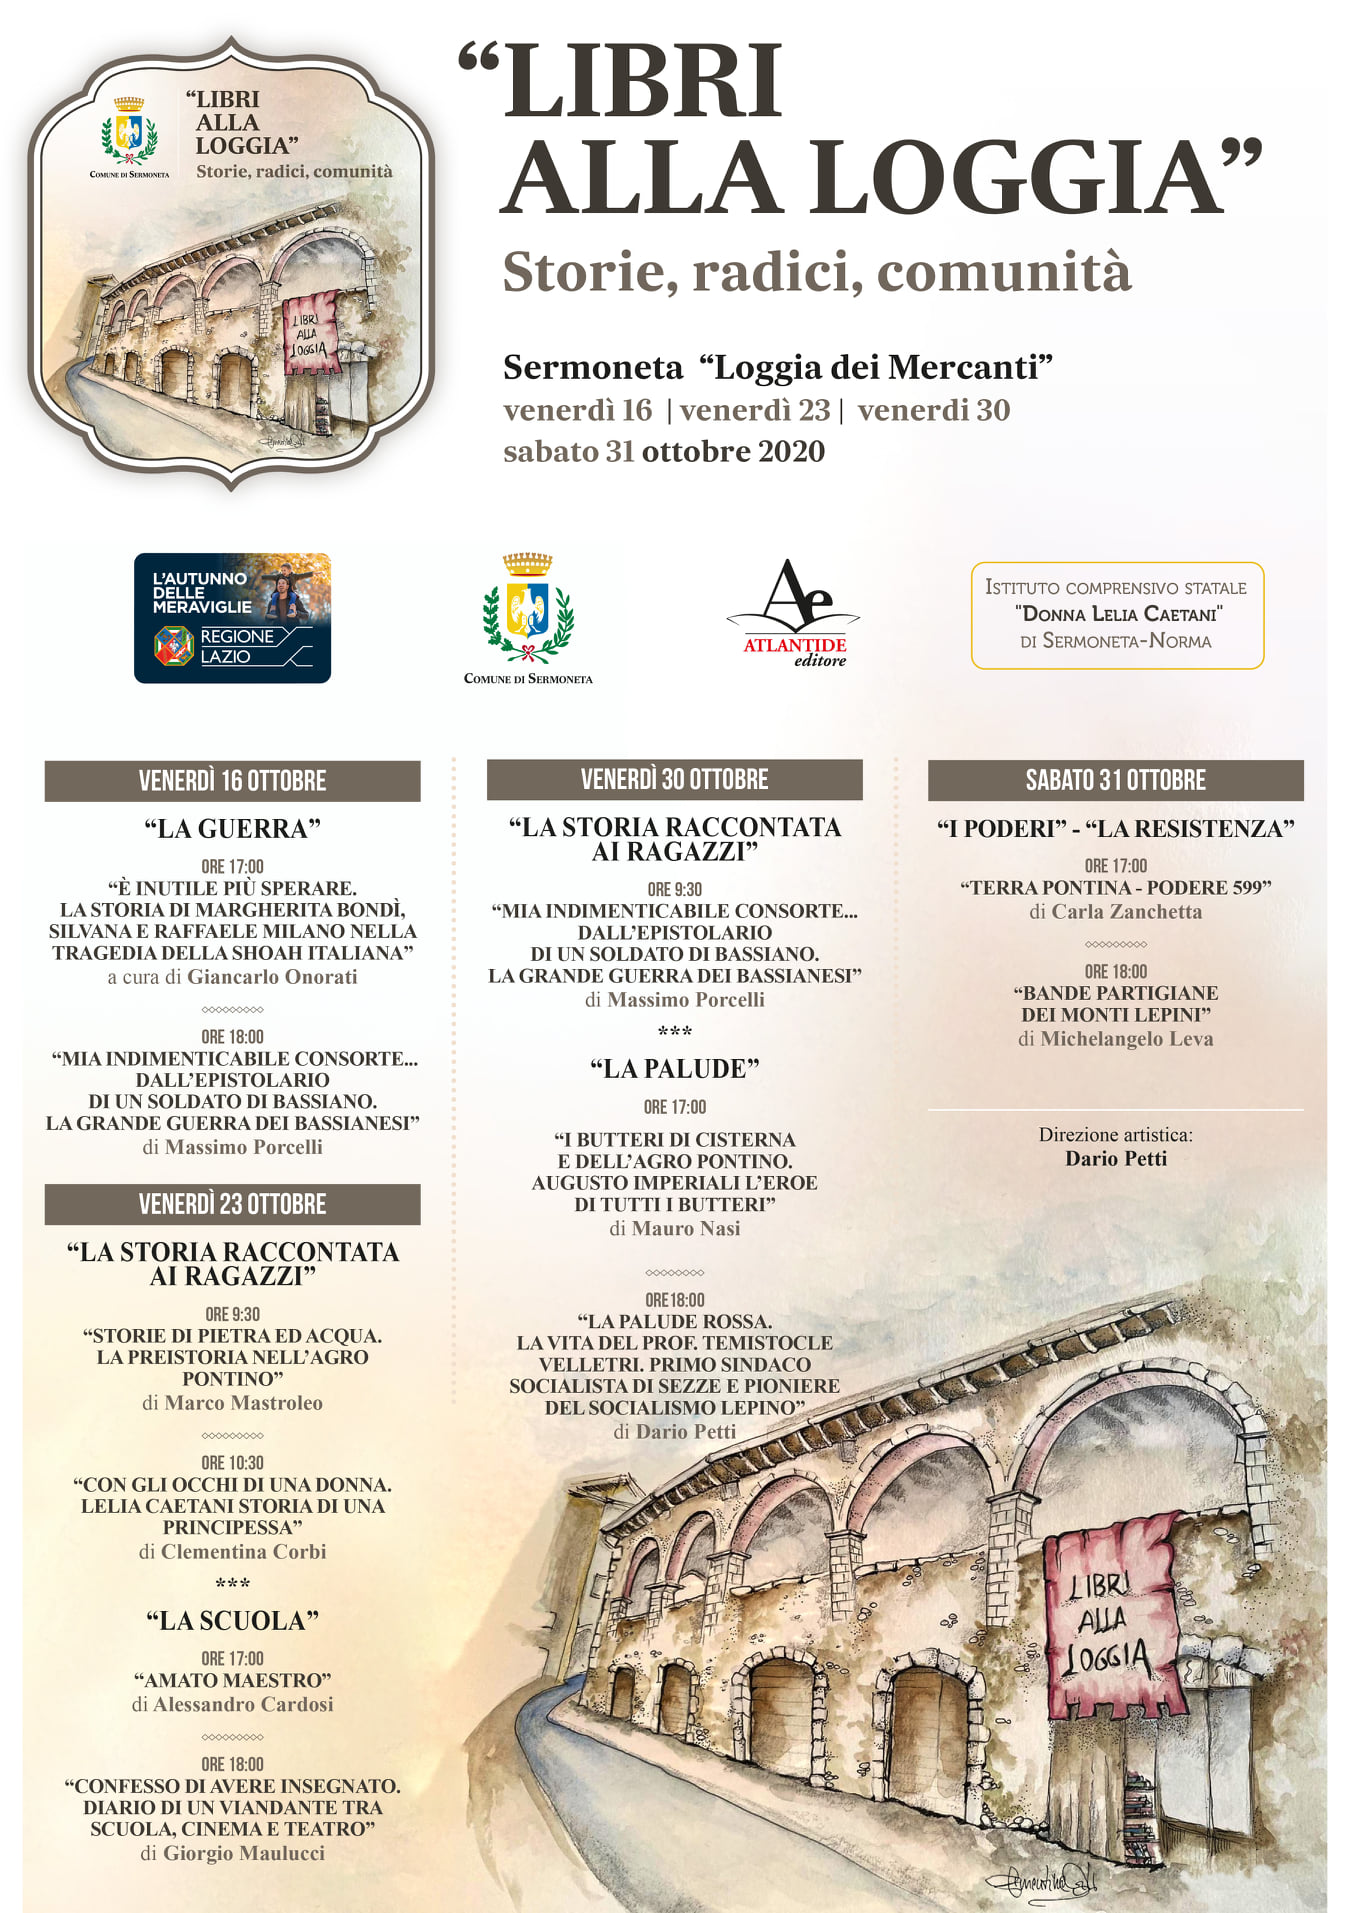 sermoneta-storie-alla-loggia-2020-loc